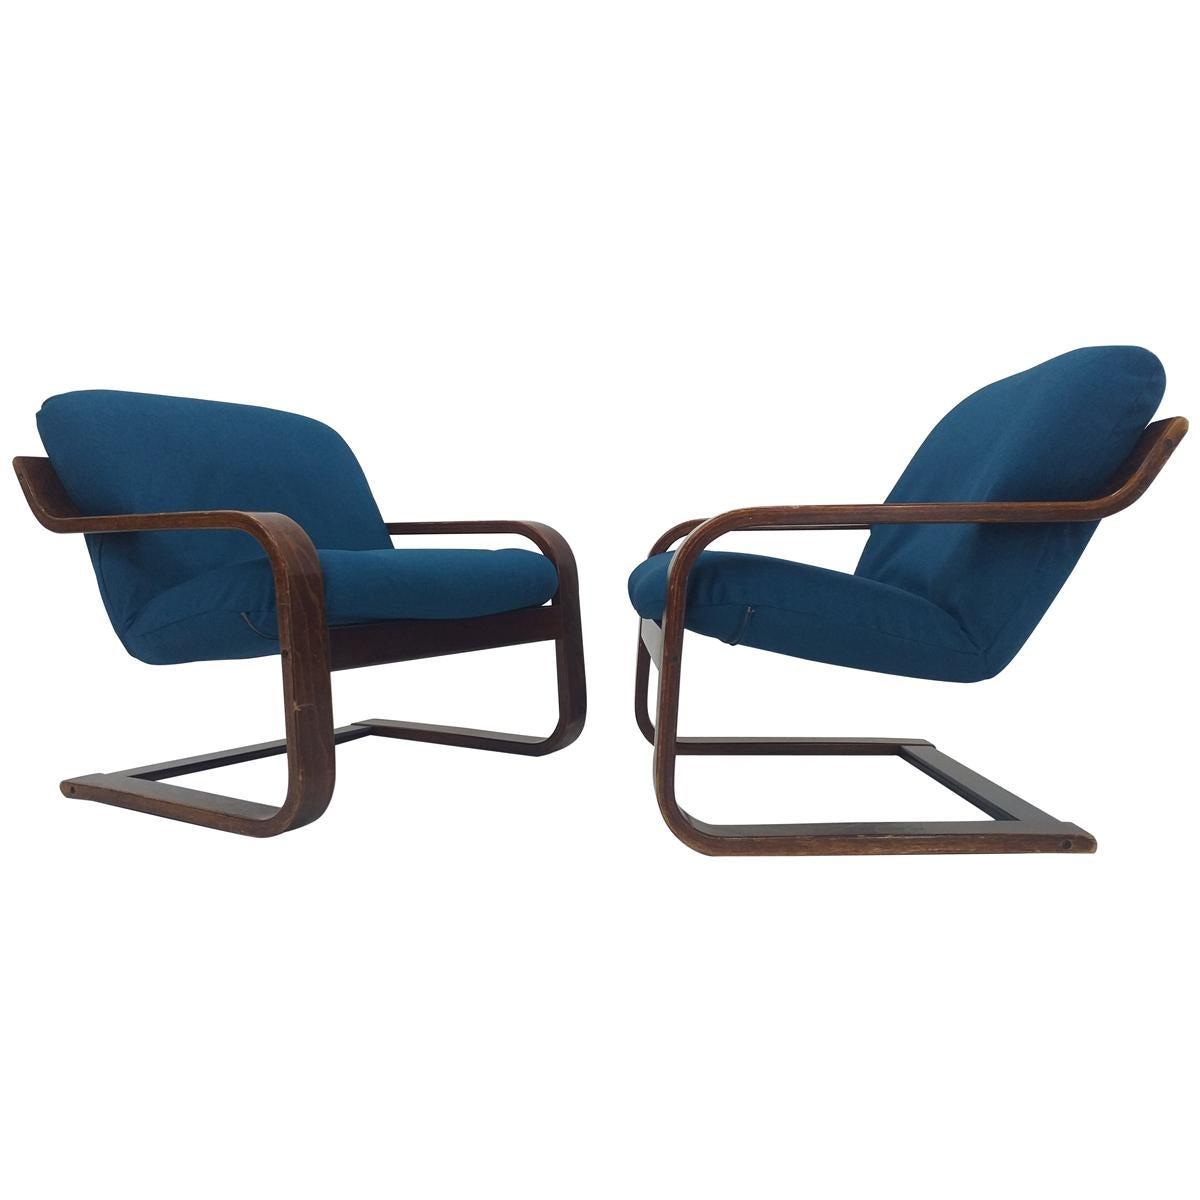 Pair of Midcentury Lounge Armchairs Westnofa, Norway, 1970s